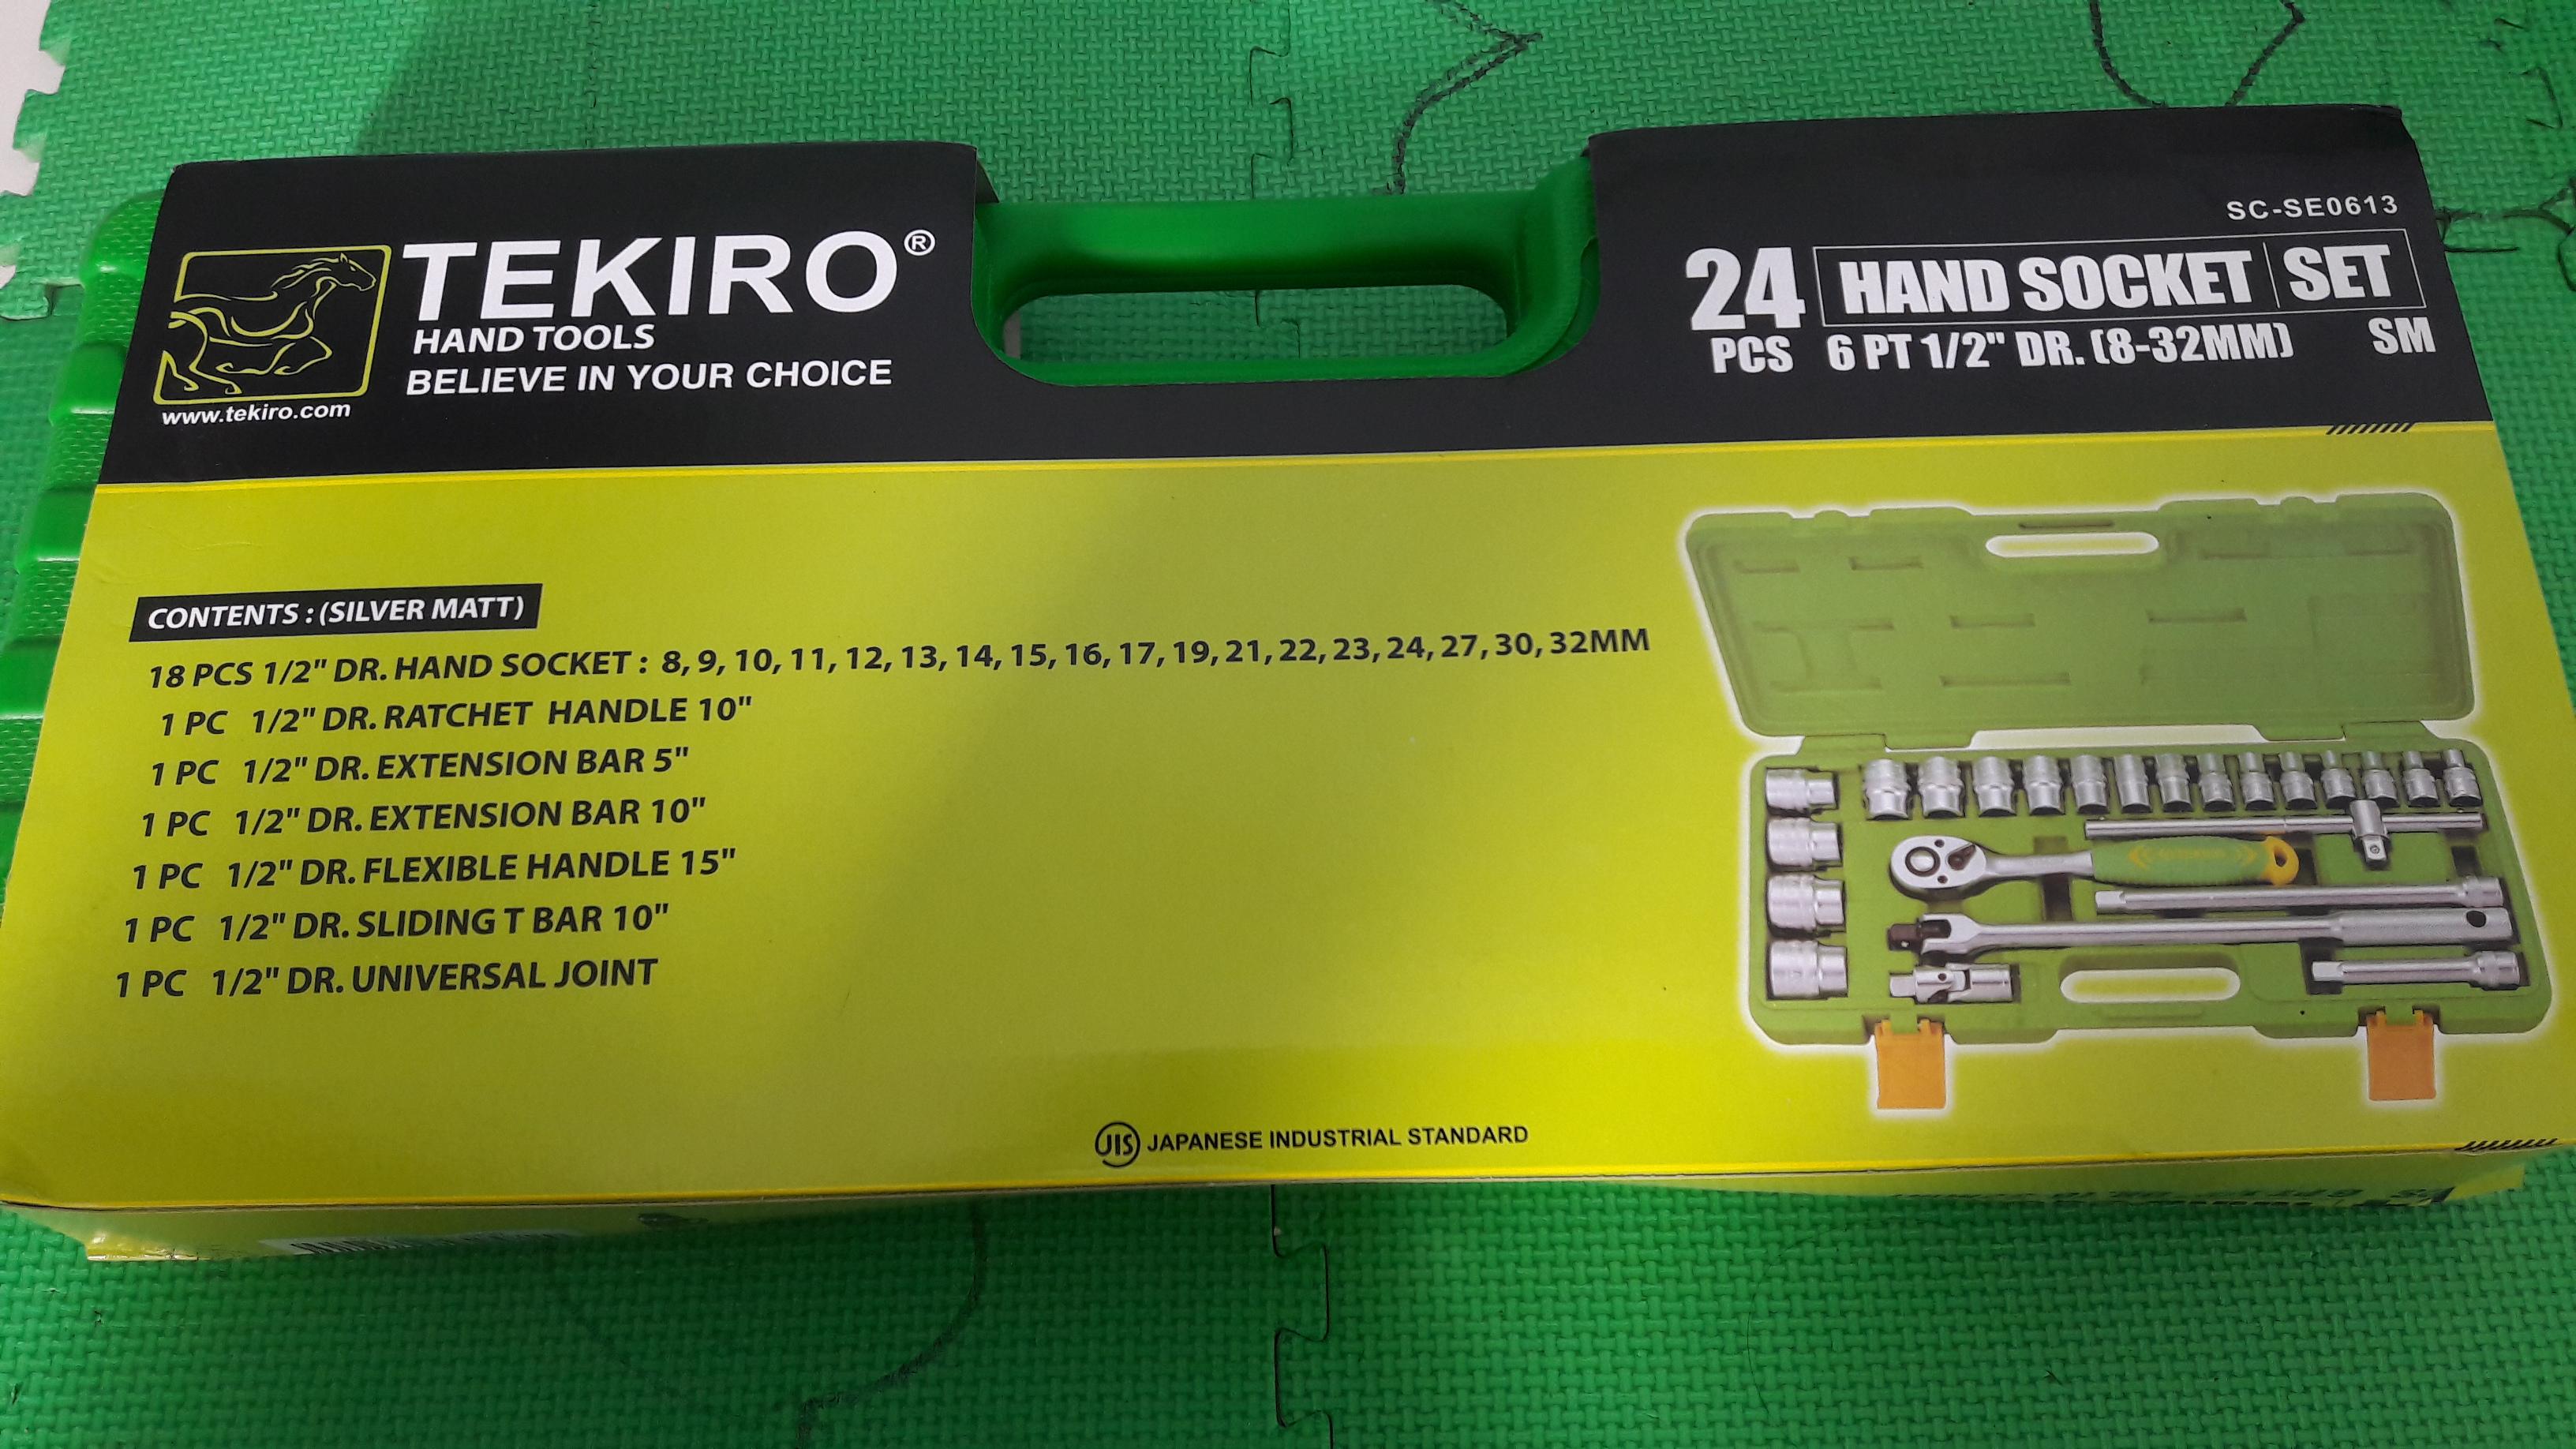 Sewa Kunci Shock Set 8 - 32 di toko ARKAANASEWA daerah Bekasi, Jawa Barat - Sewa menyewa jadi lebih mudah di Spotsewa